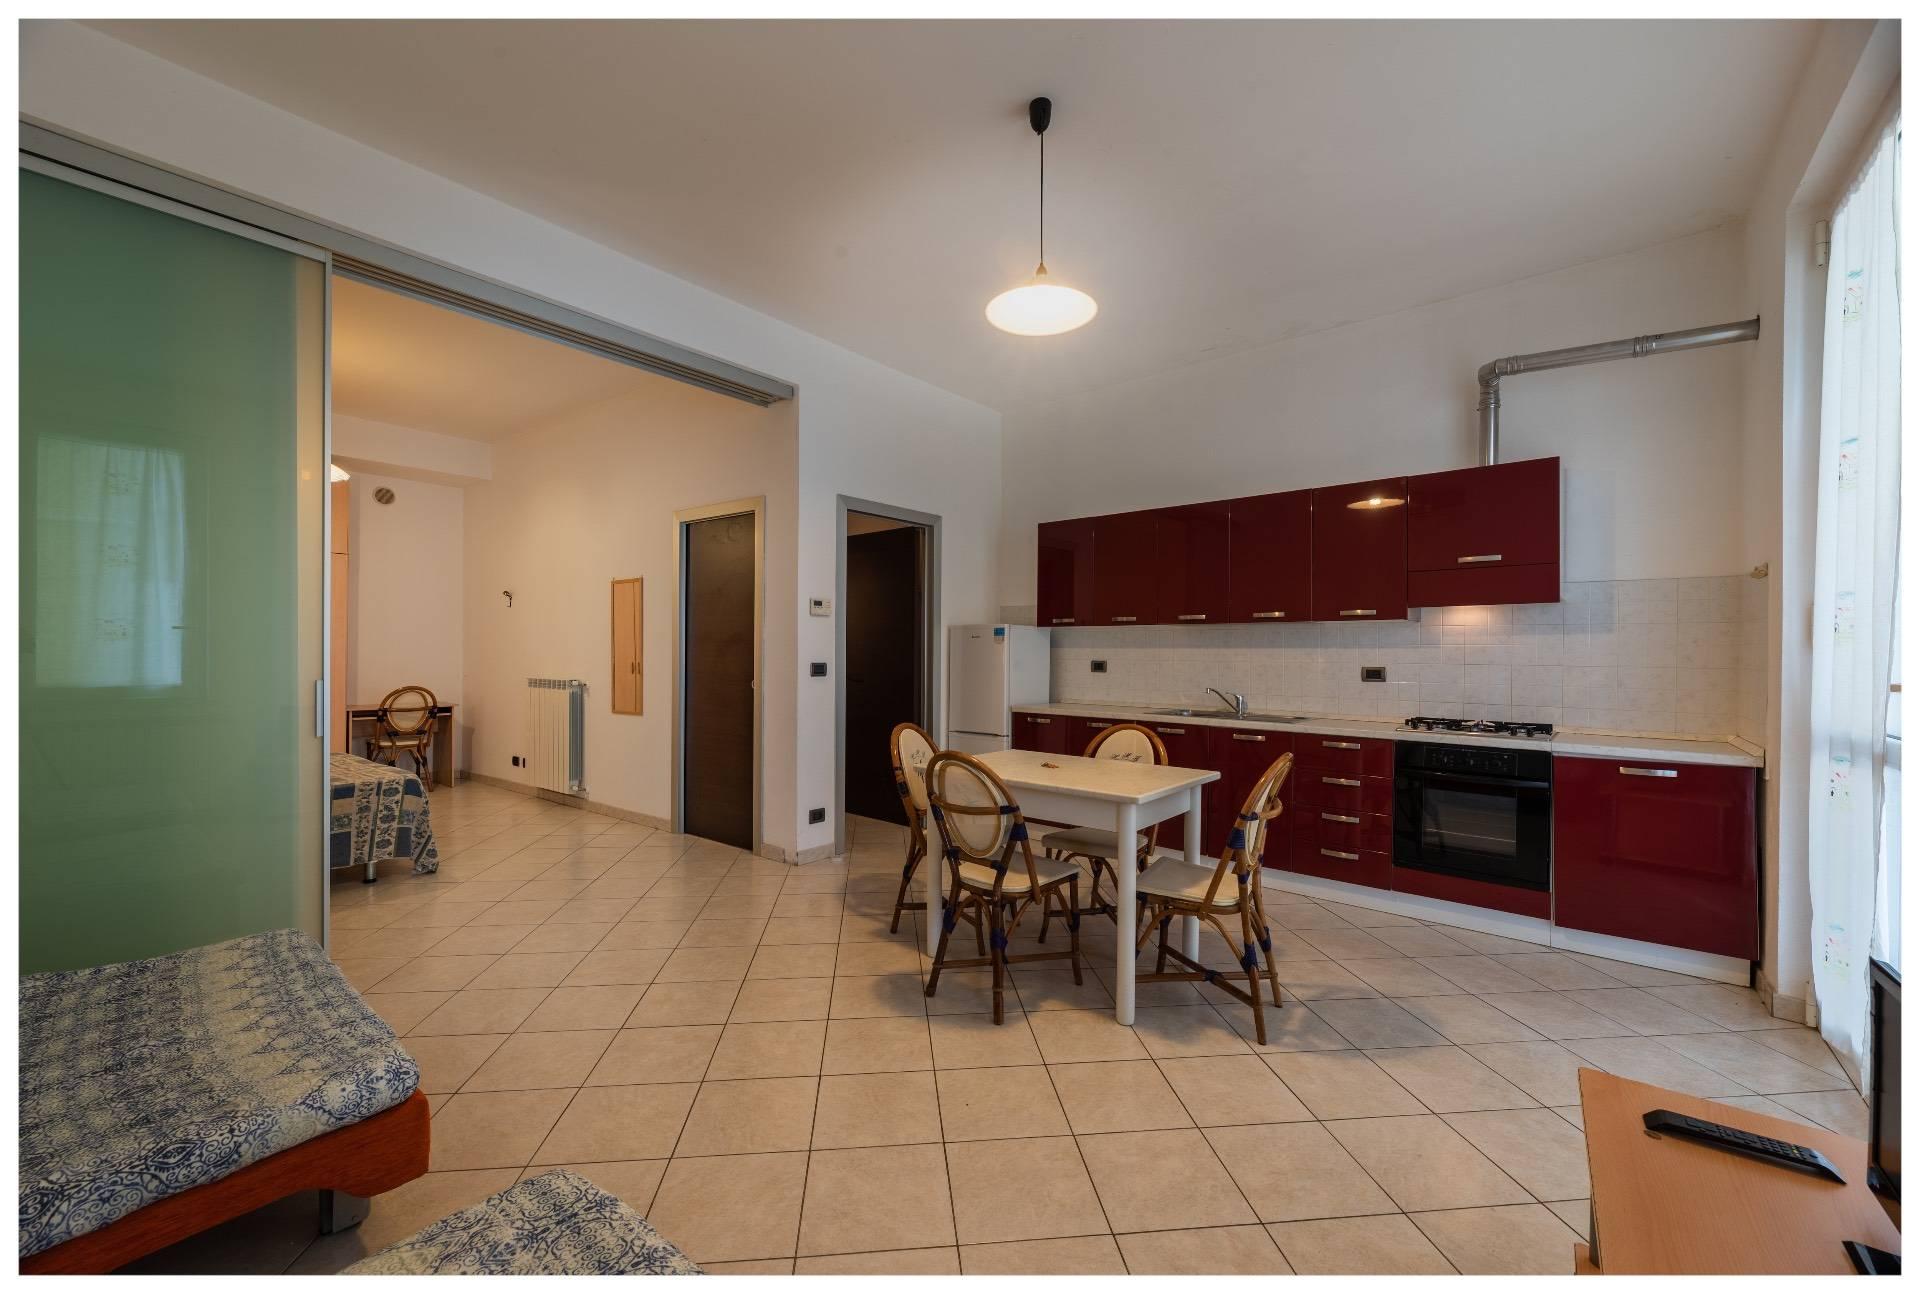 Appartamento in vendita a Varazze, 2 locali, zona Località: Varazze, prezzo € 210.000 | PortaleAgenzieImmobiliari.it